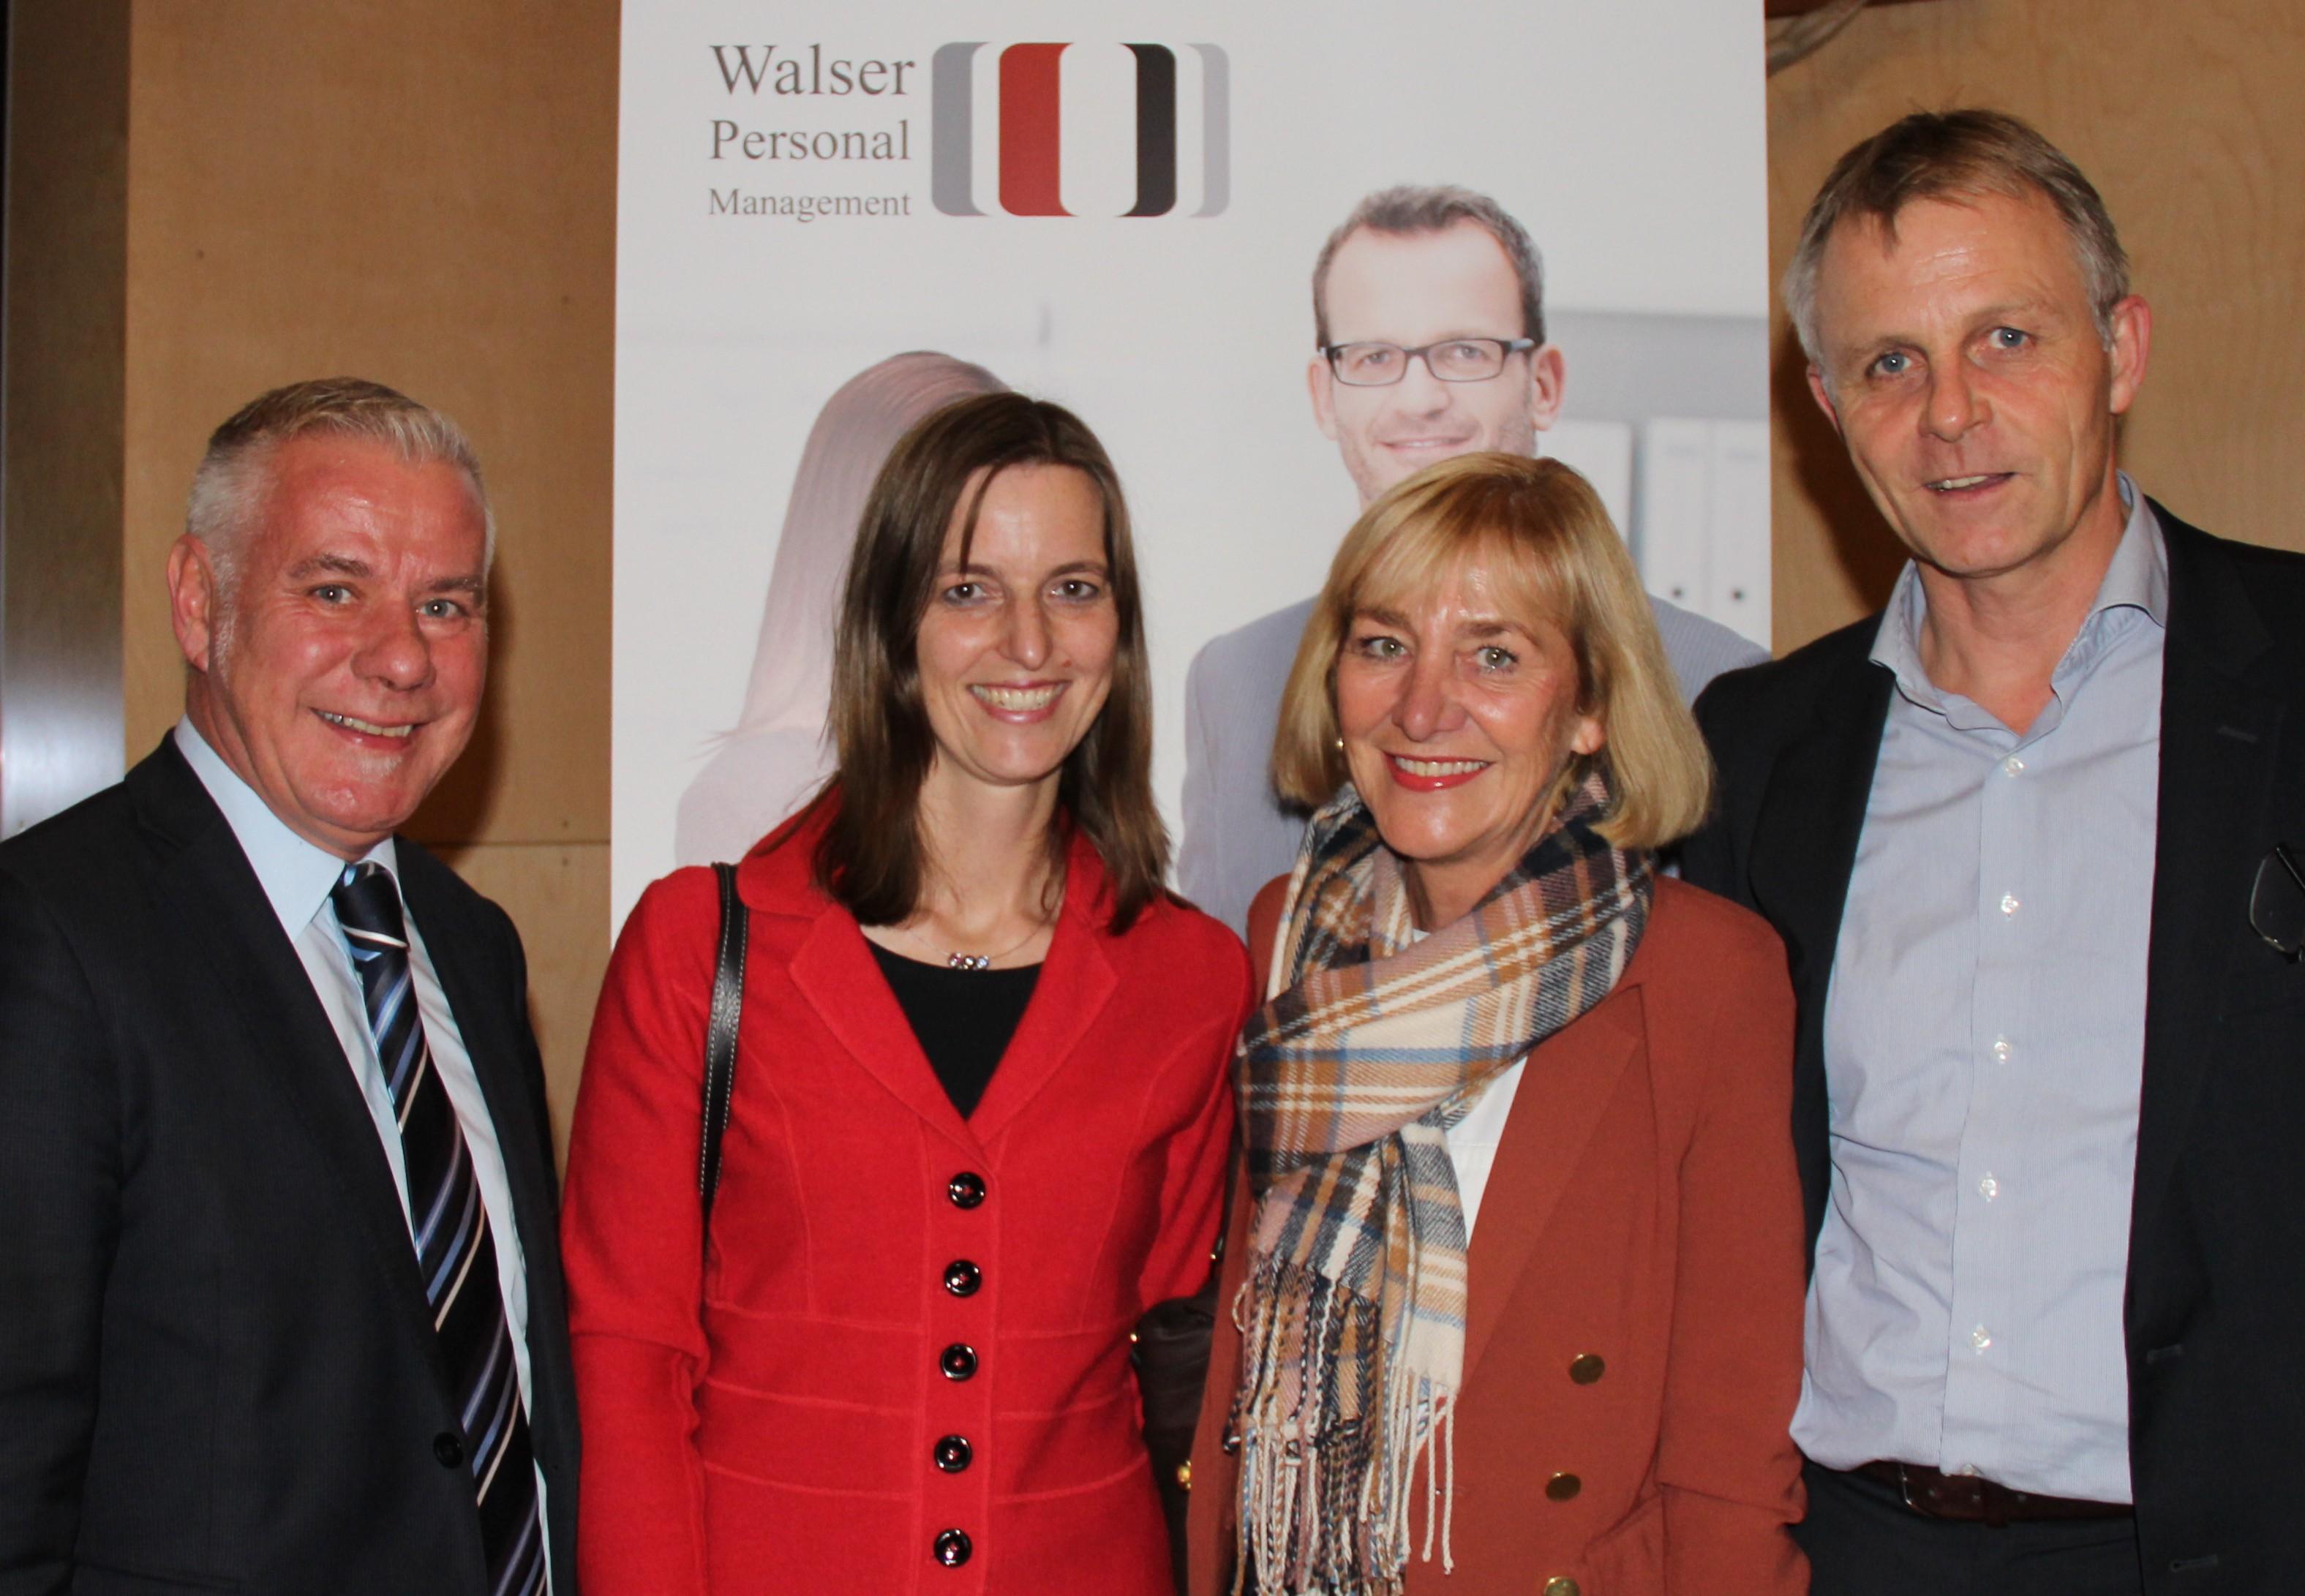 Michael Walser mit Martha Stüttler-Hartmann, Constance Nitschmann und Direct Search Partner Claus Müller